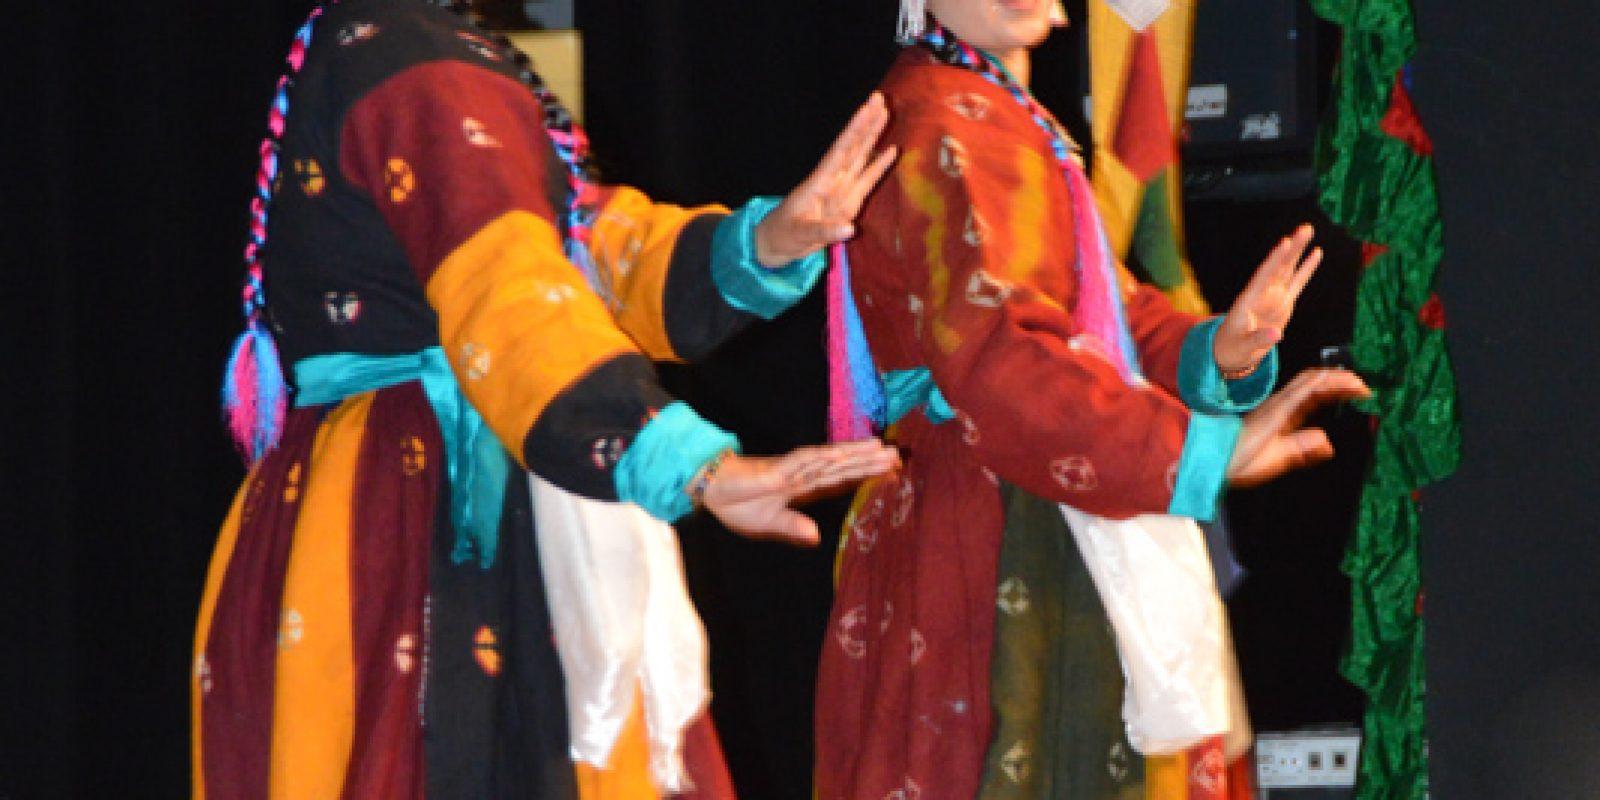 Danse traditionnelle tibétaine : deux femmes